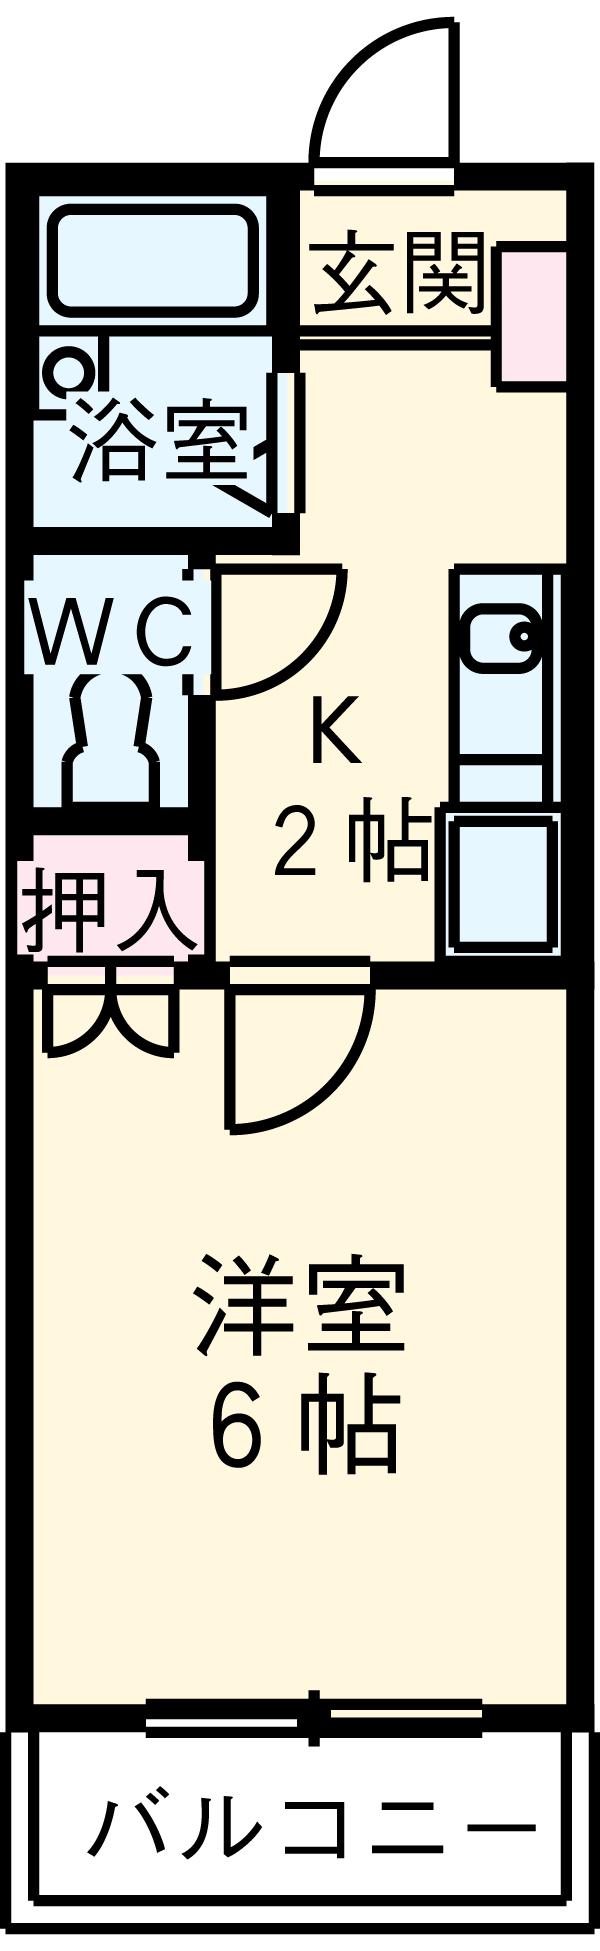 CBドリーム関山Ⅱ・105号室の間取り